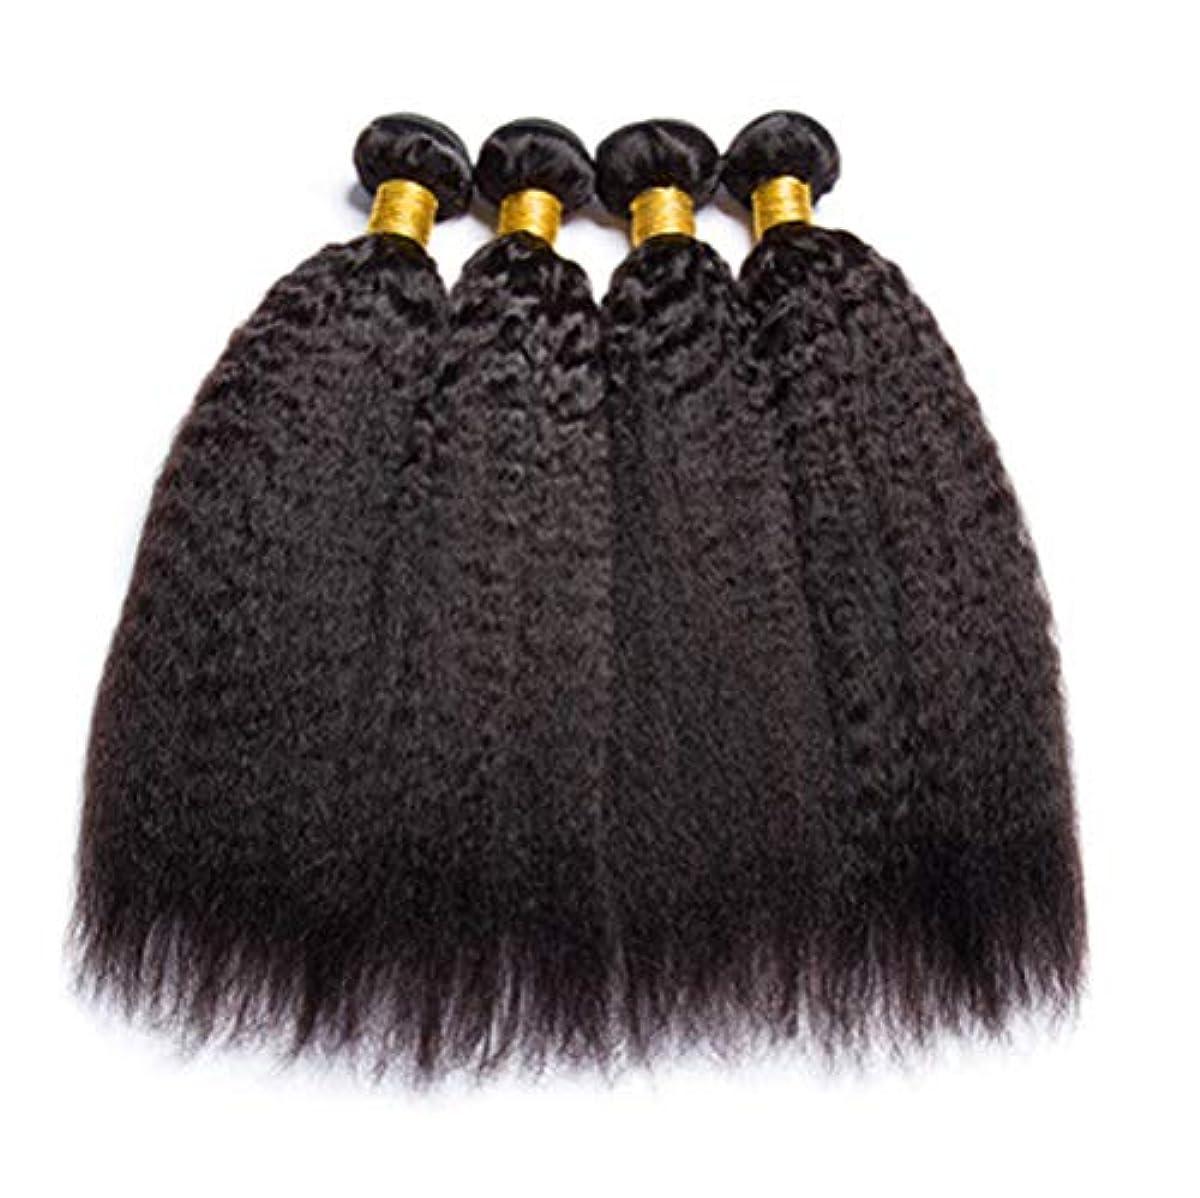 摩擦矛盾ロードされた髪織り女性150%密度ブラジル髪バンドル人間の髪バンドルストレートヘア1バンドル非レミー髪